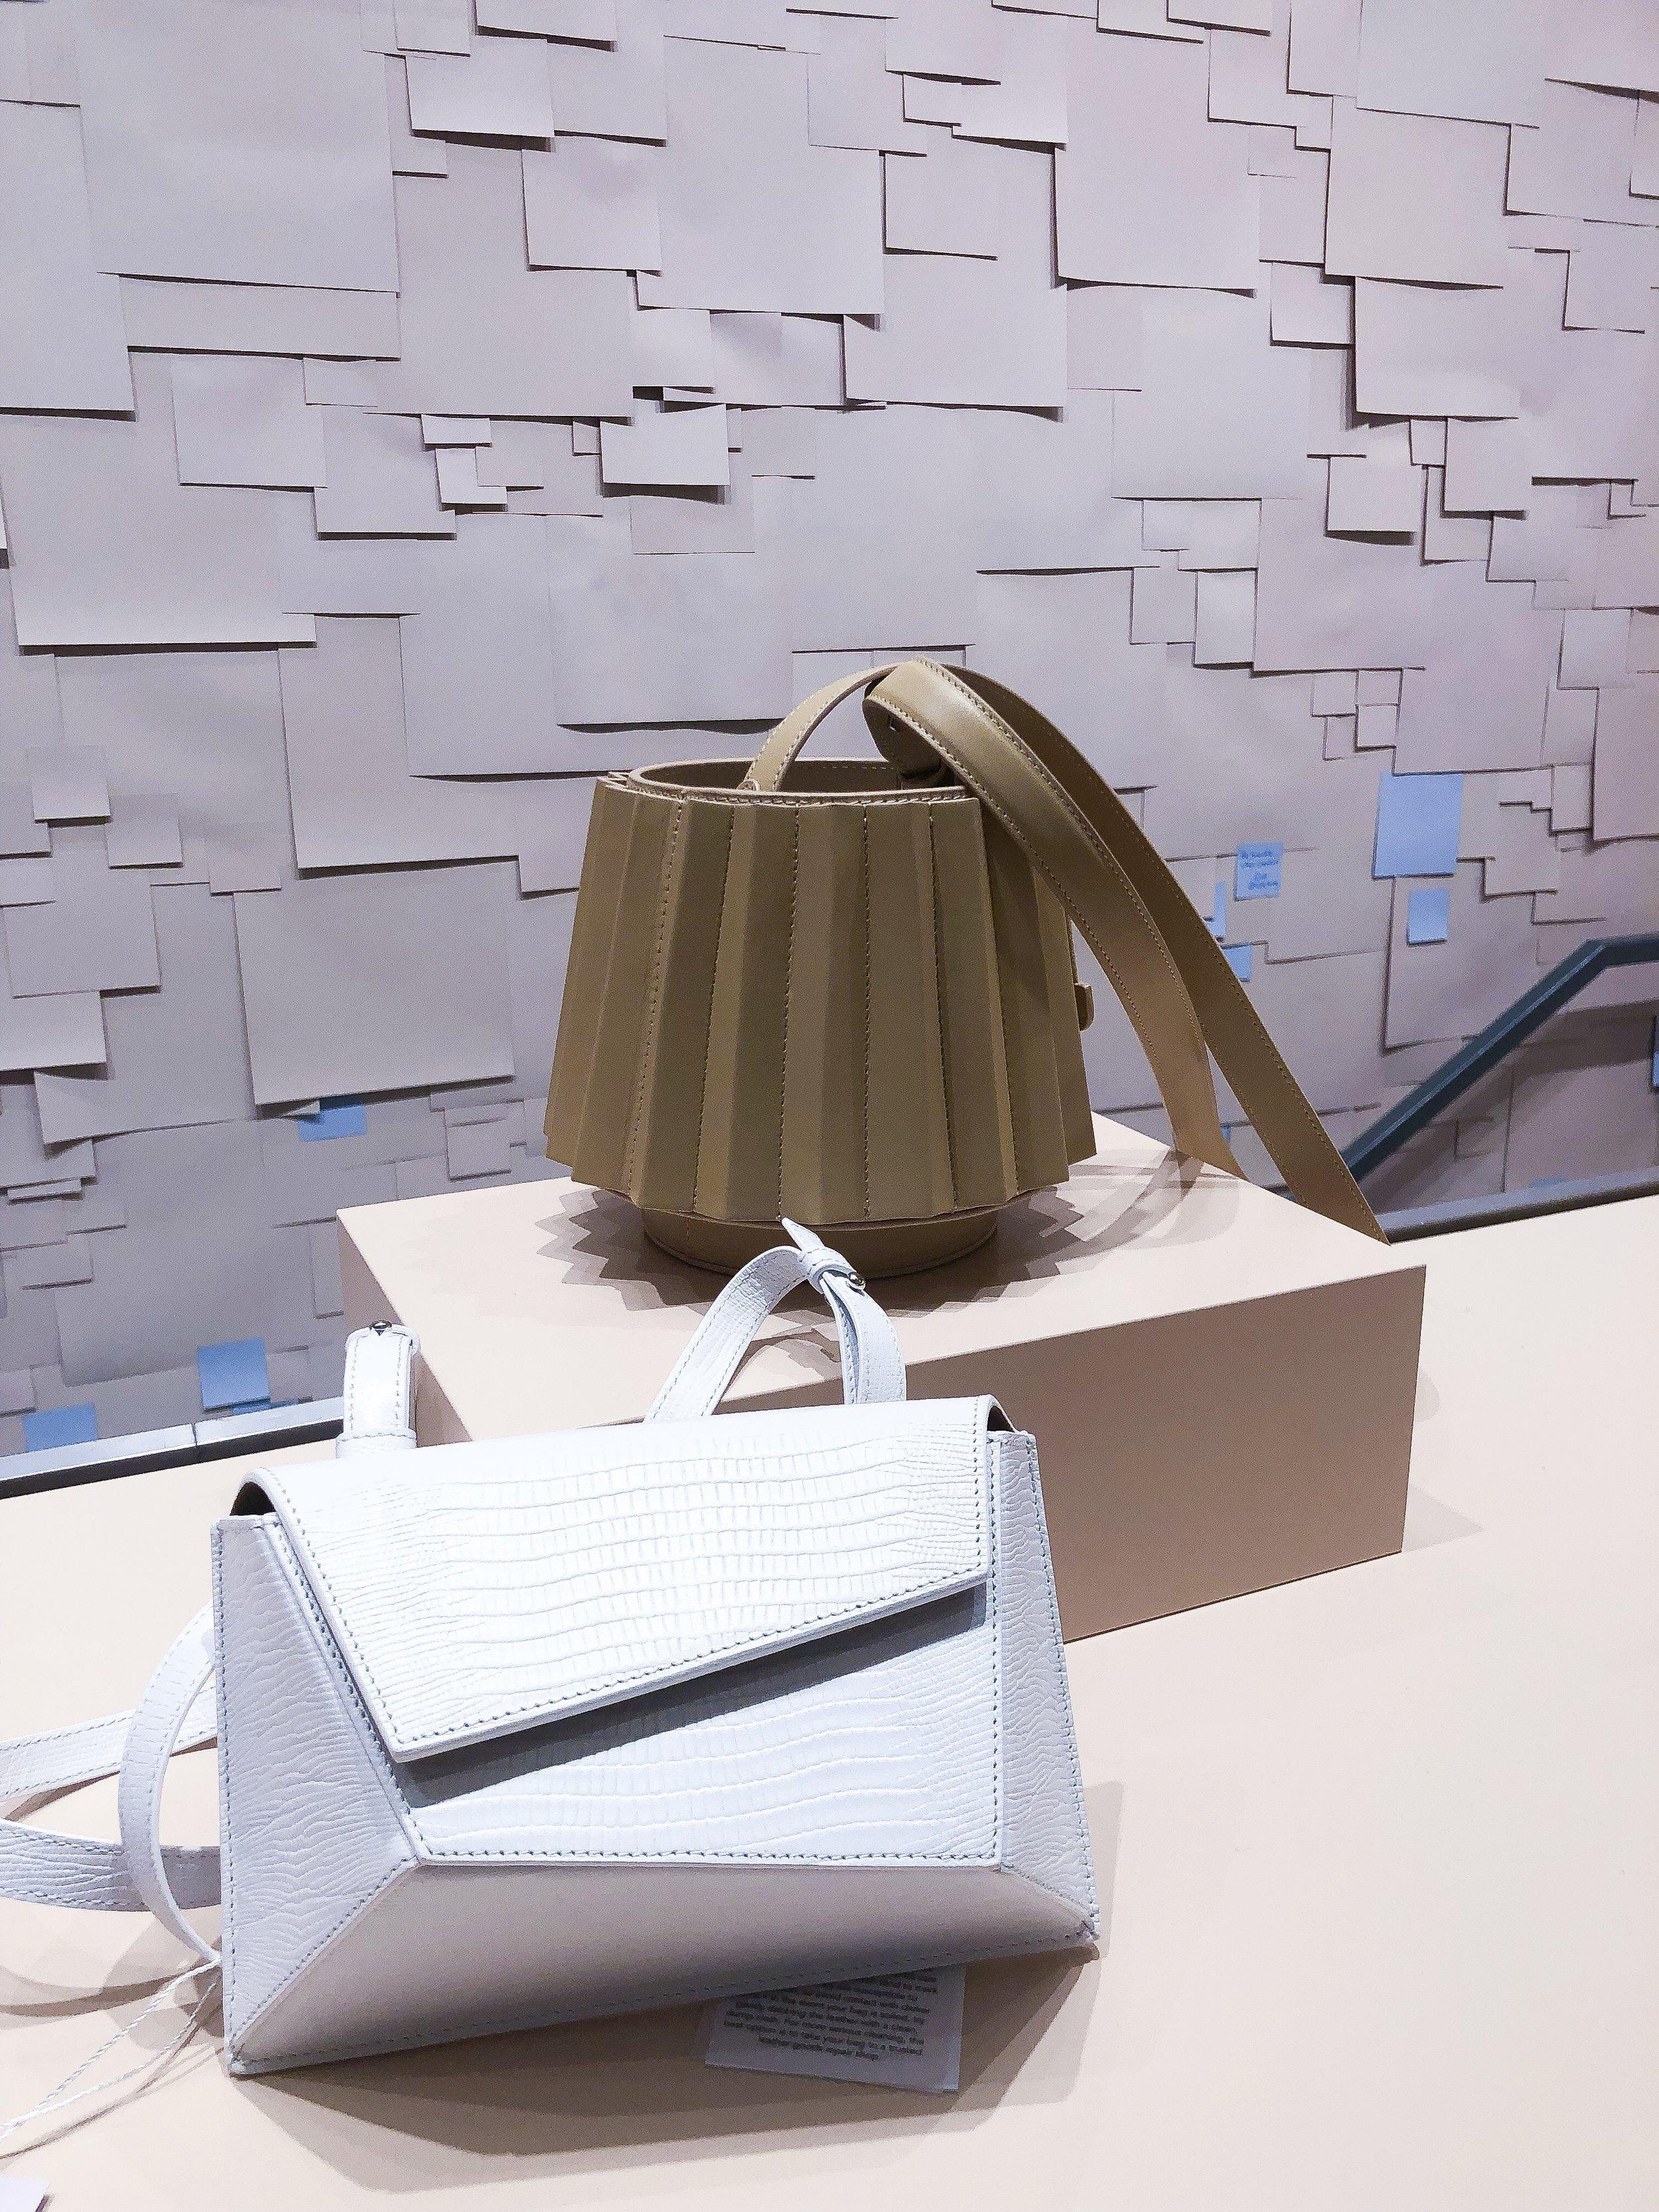 Mlouye purses